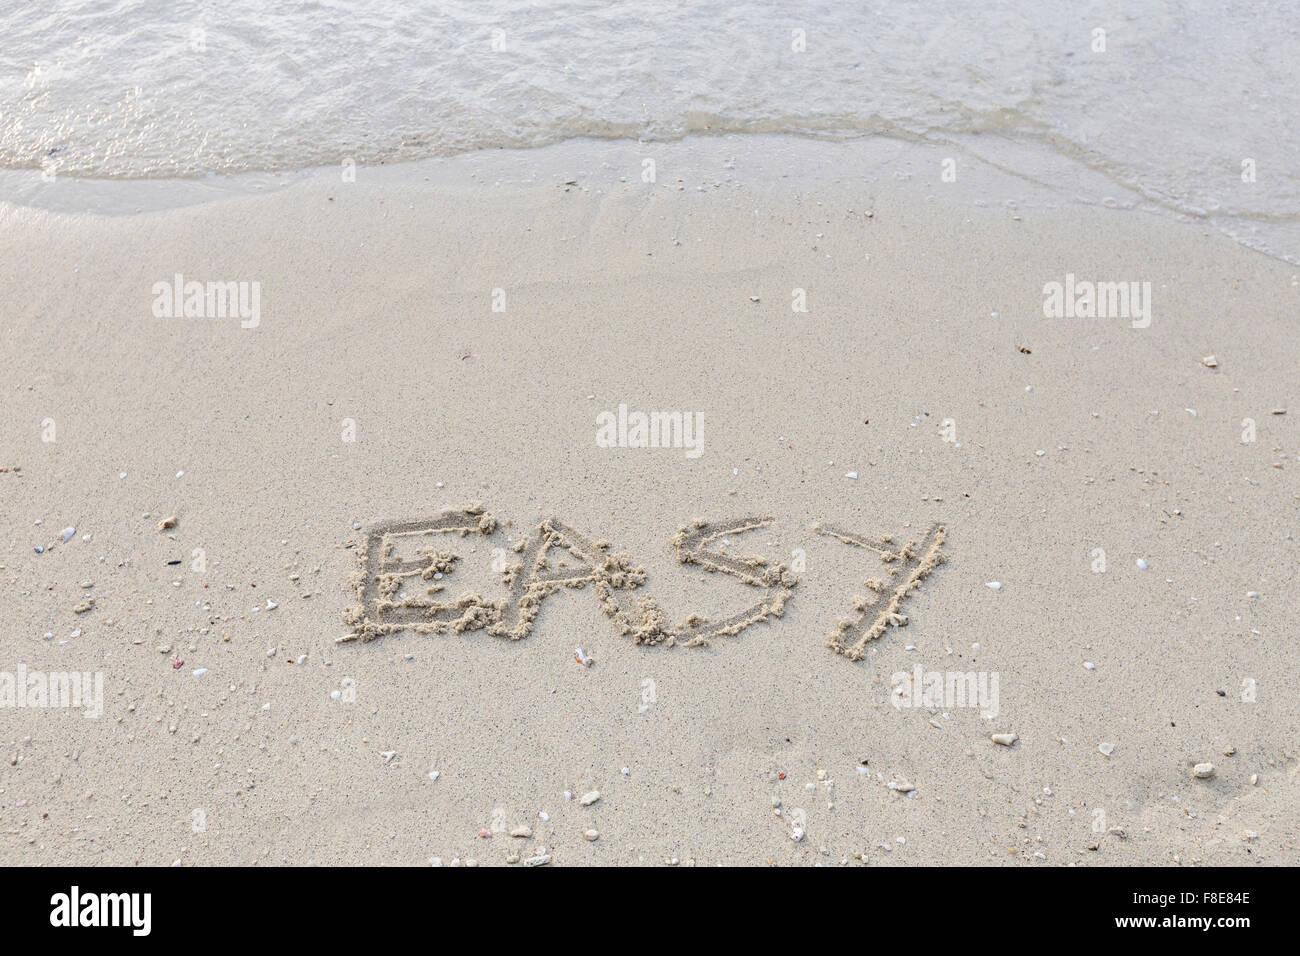 Einfach im nassen Sand ausgeschrieben Stockbild